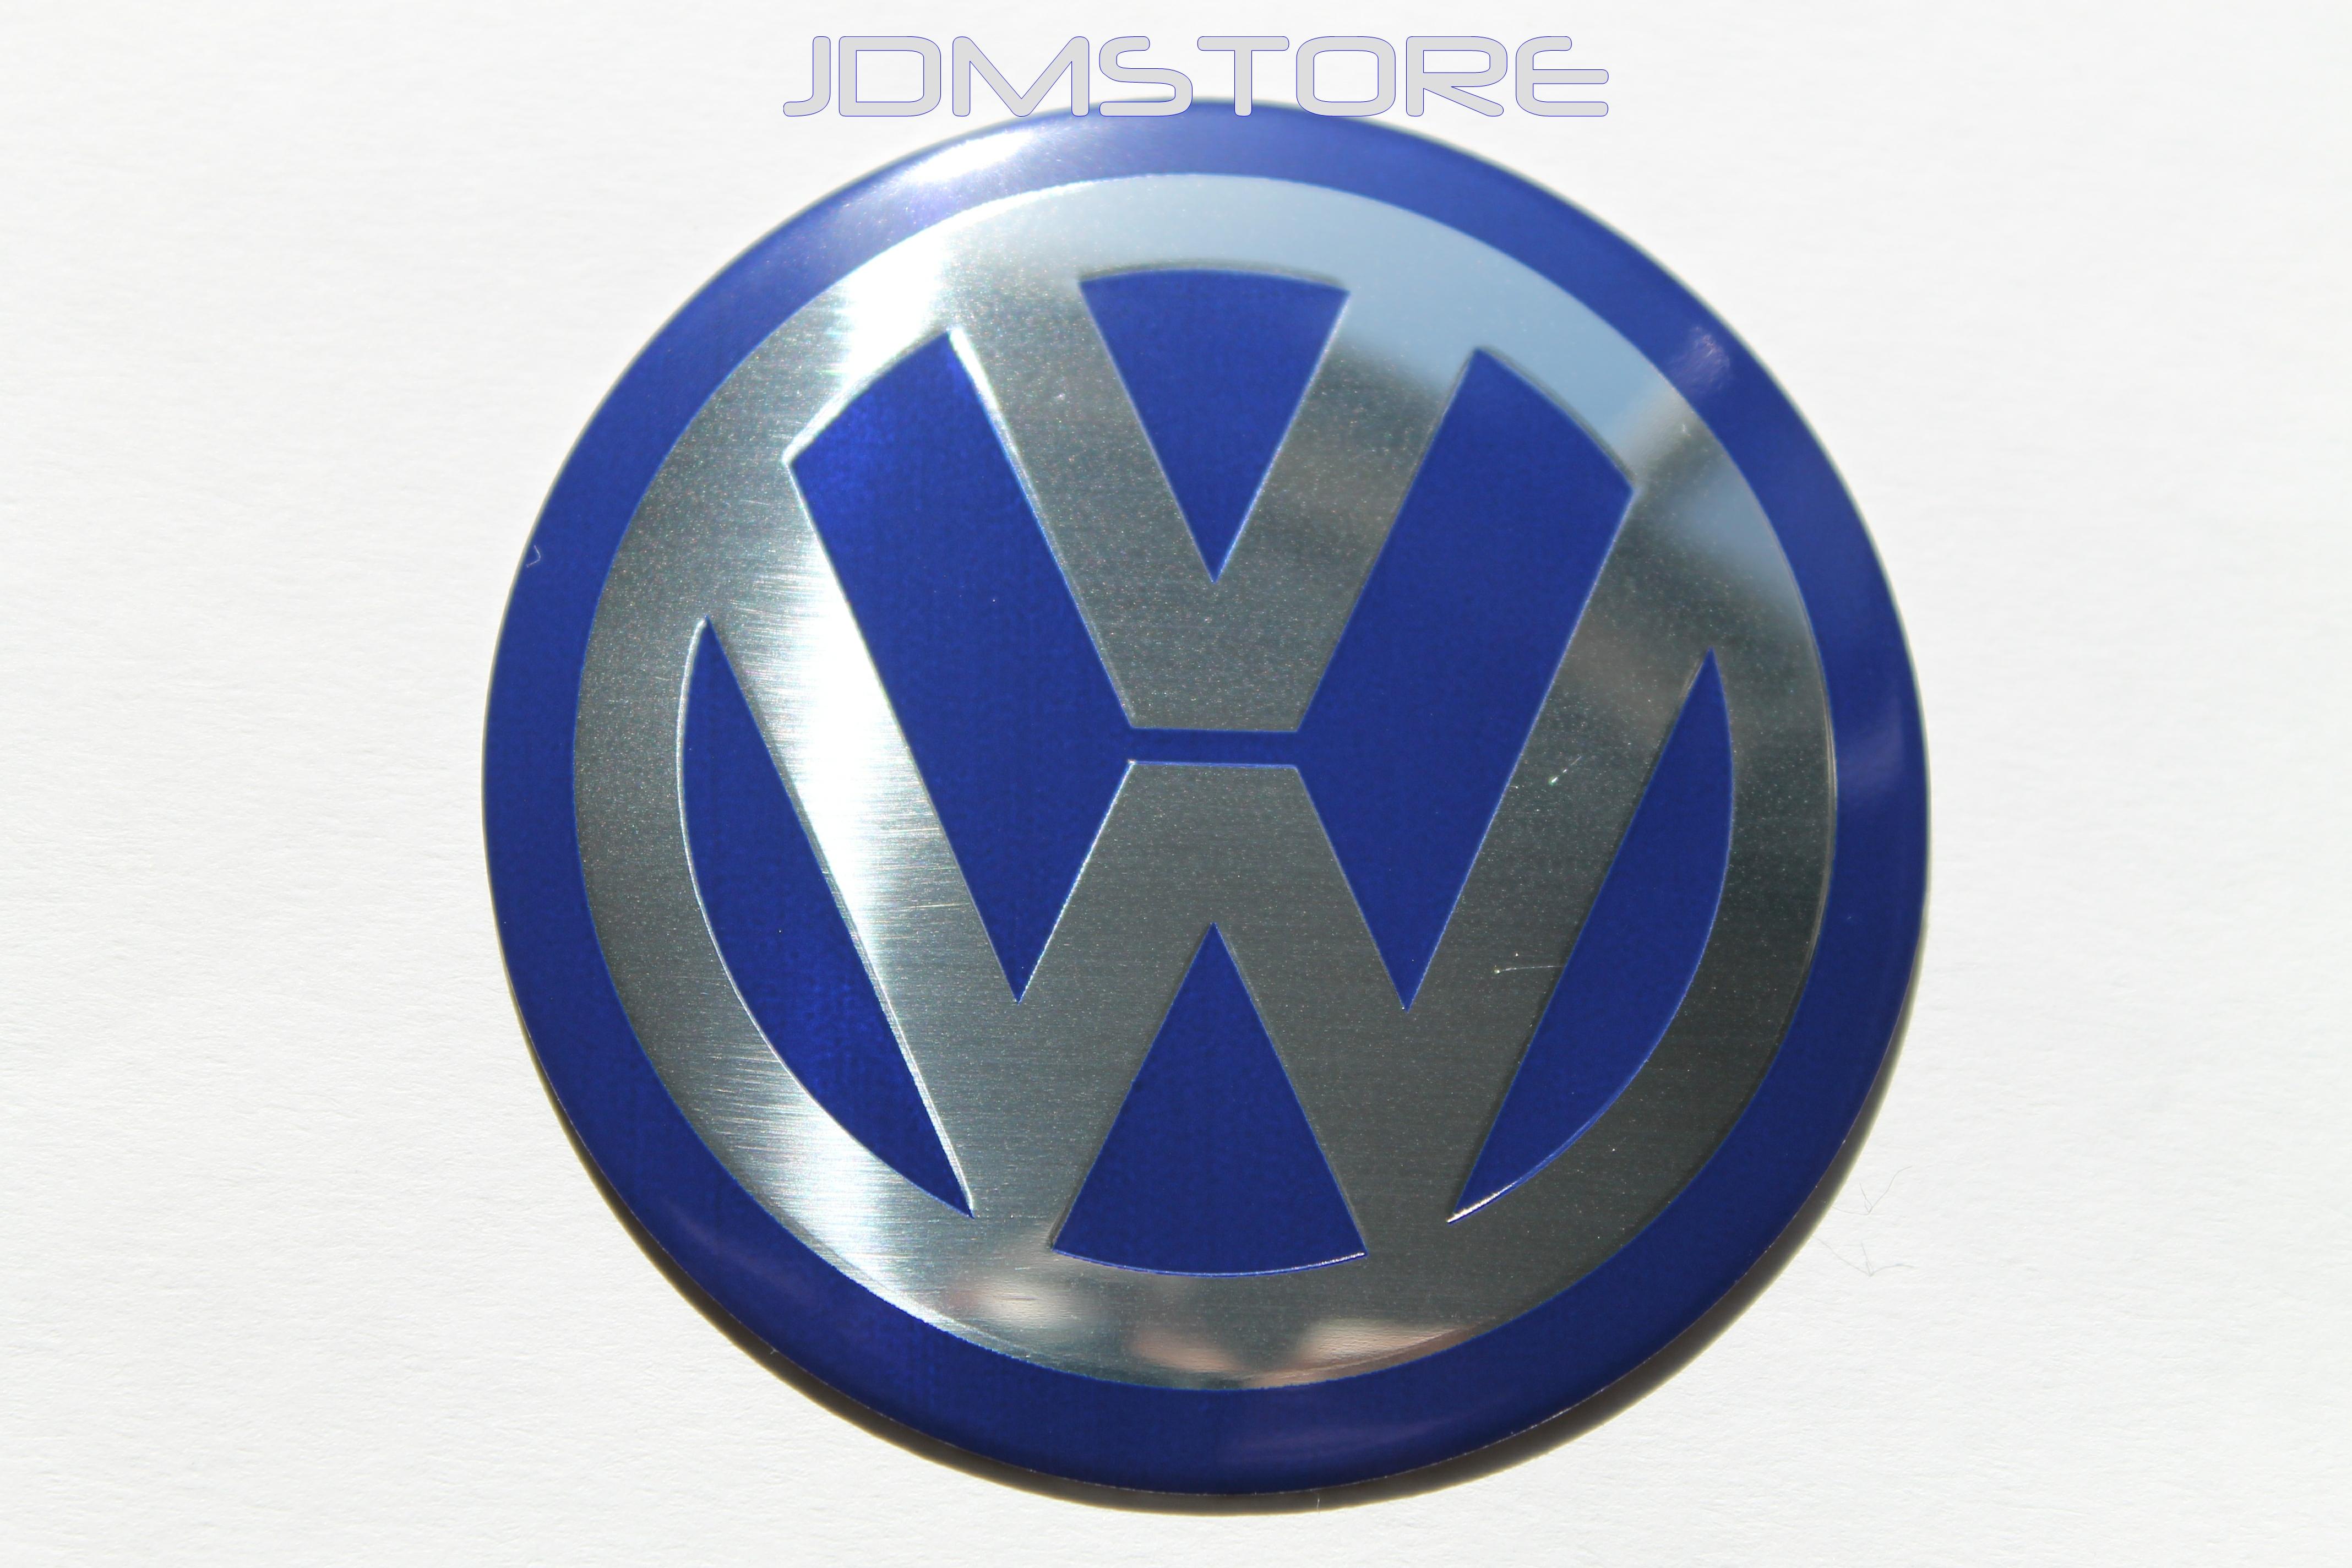 70mm vw blue chrome wheel center cap sticker badges emblem 4pcs fit volkswagen ebay. Black Bedroom Furniture Sets. Home Design Ideas